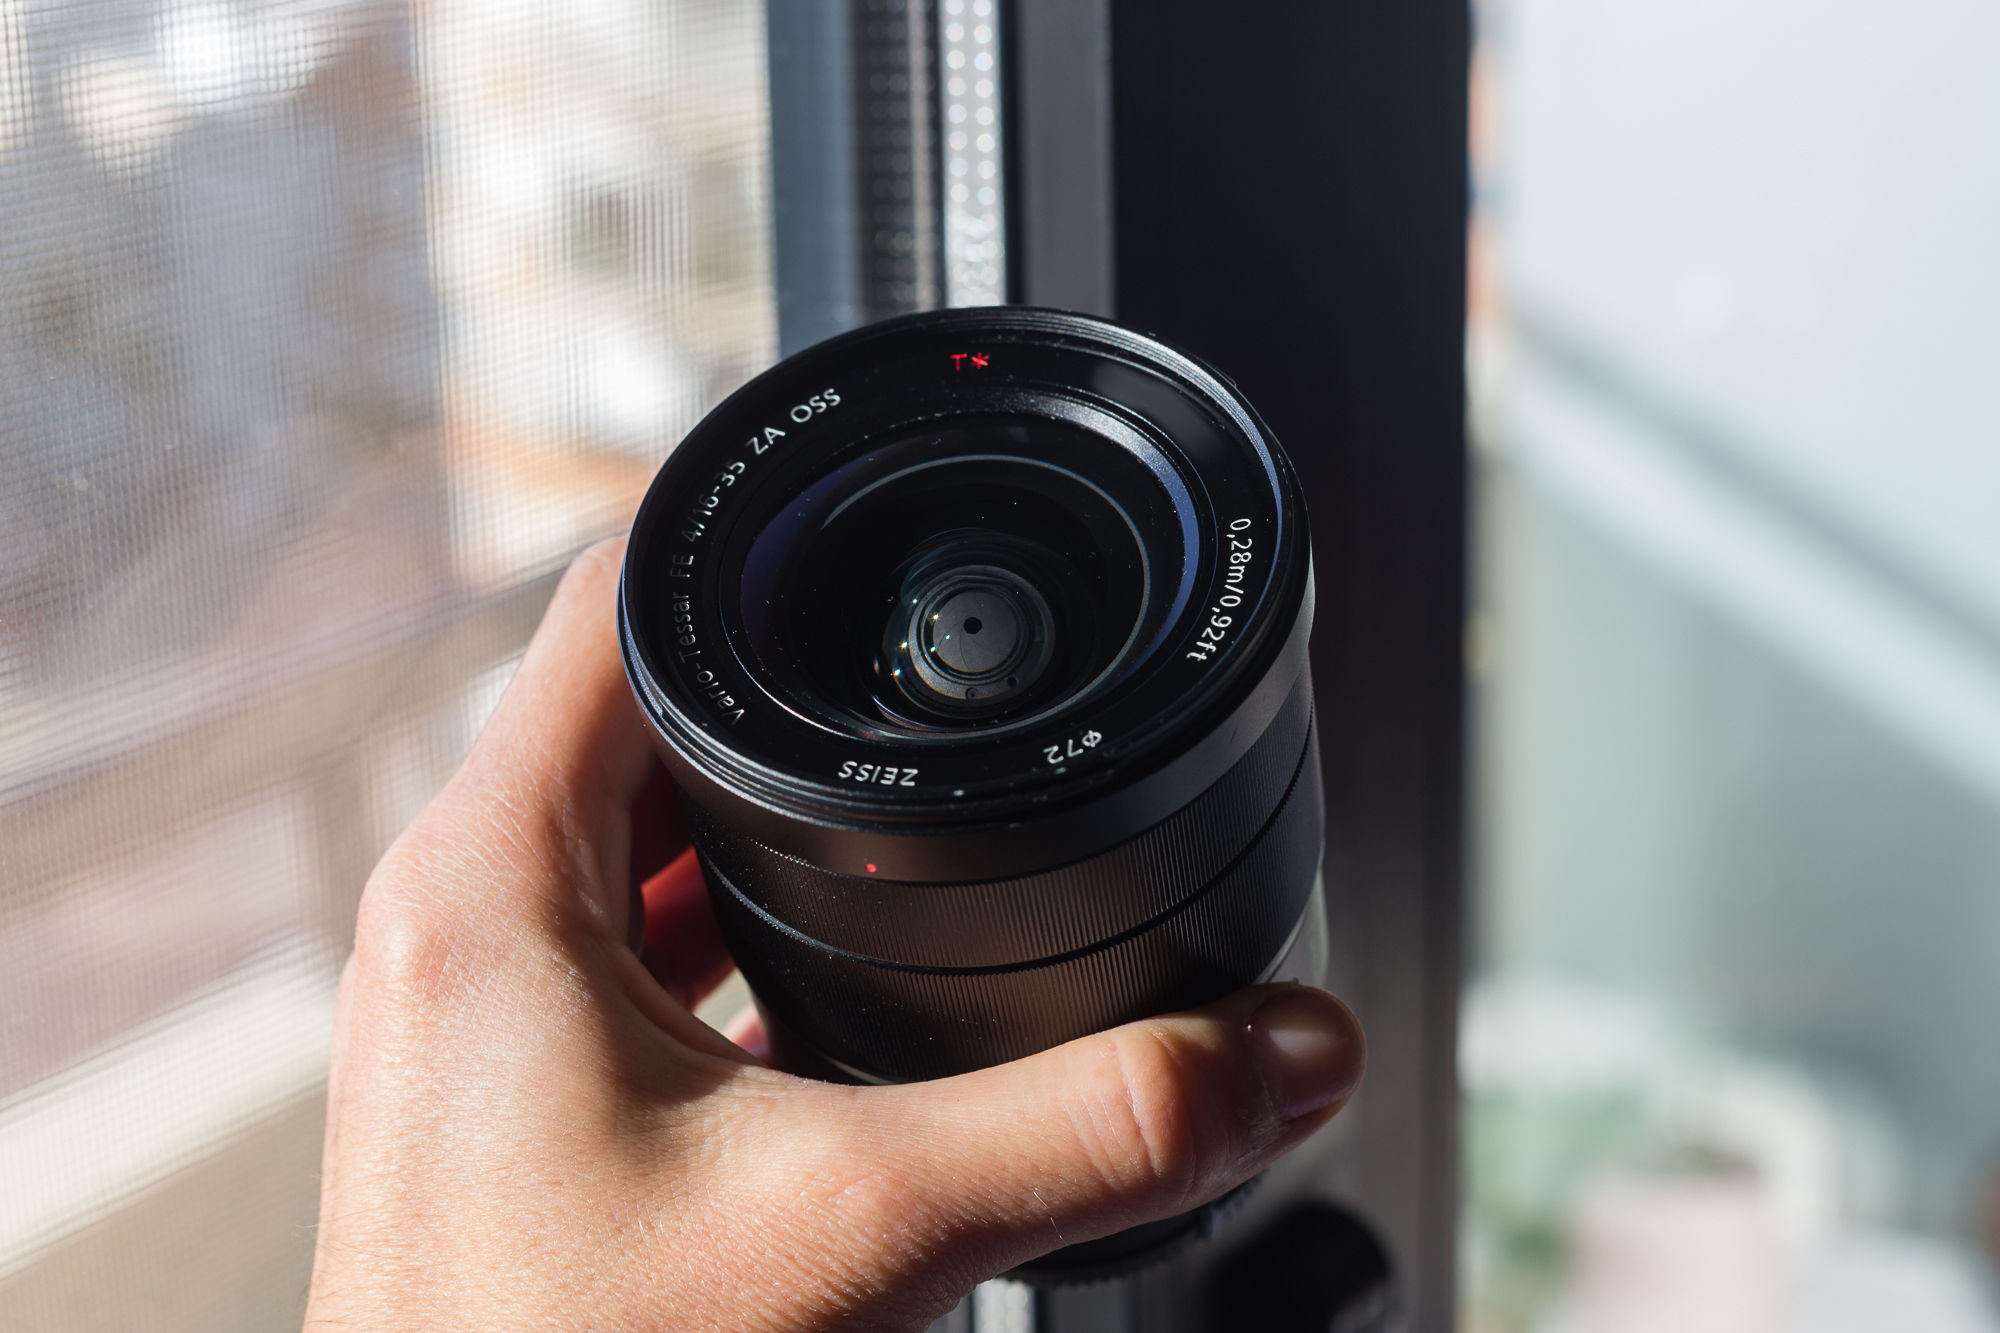 VENDO - Sony Zeiss 16-35mm F/4 + Filtro UV en Camaras y Objetivos271020-sony-16-35-11797-1